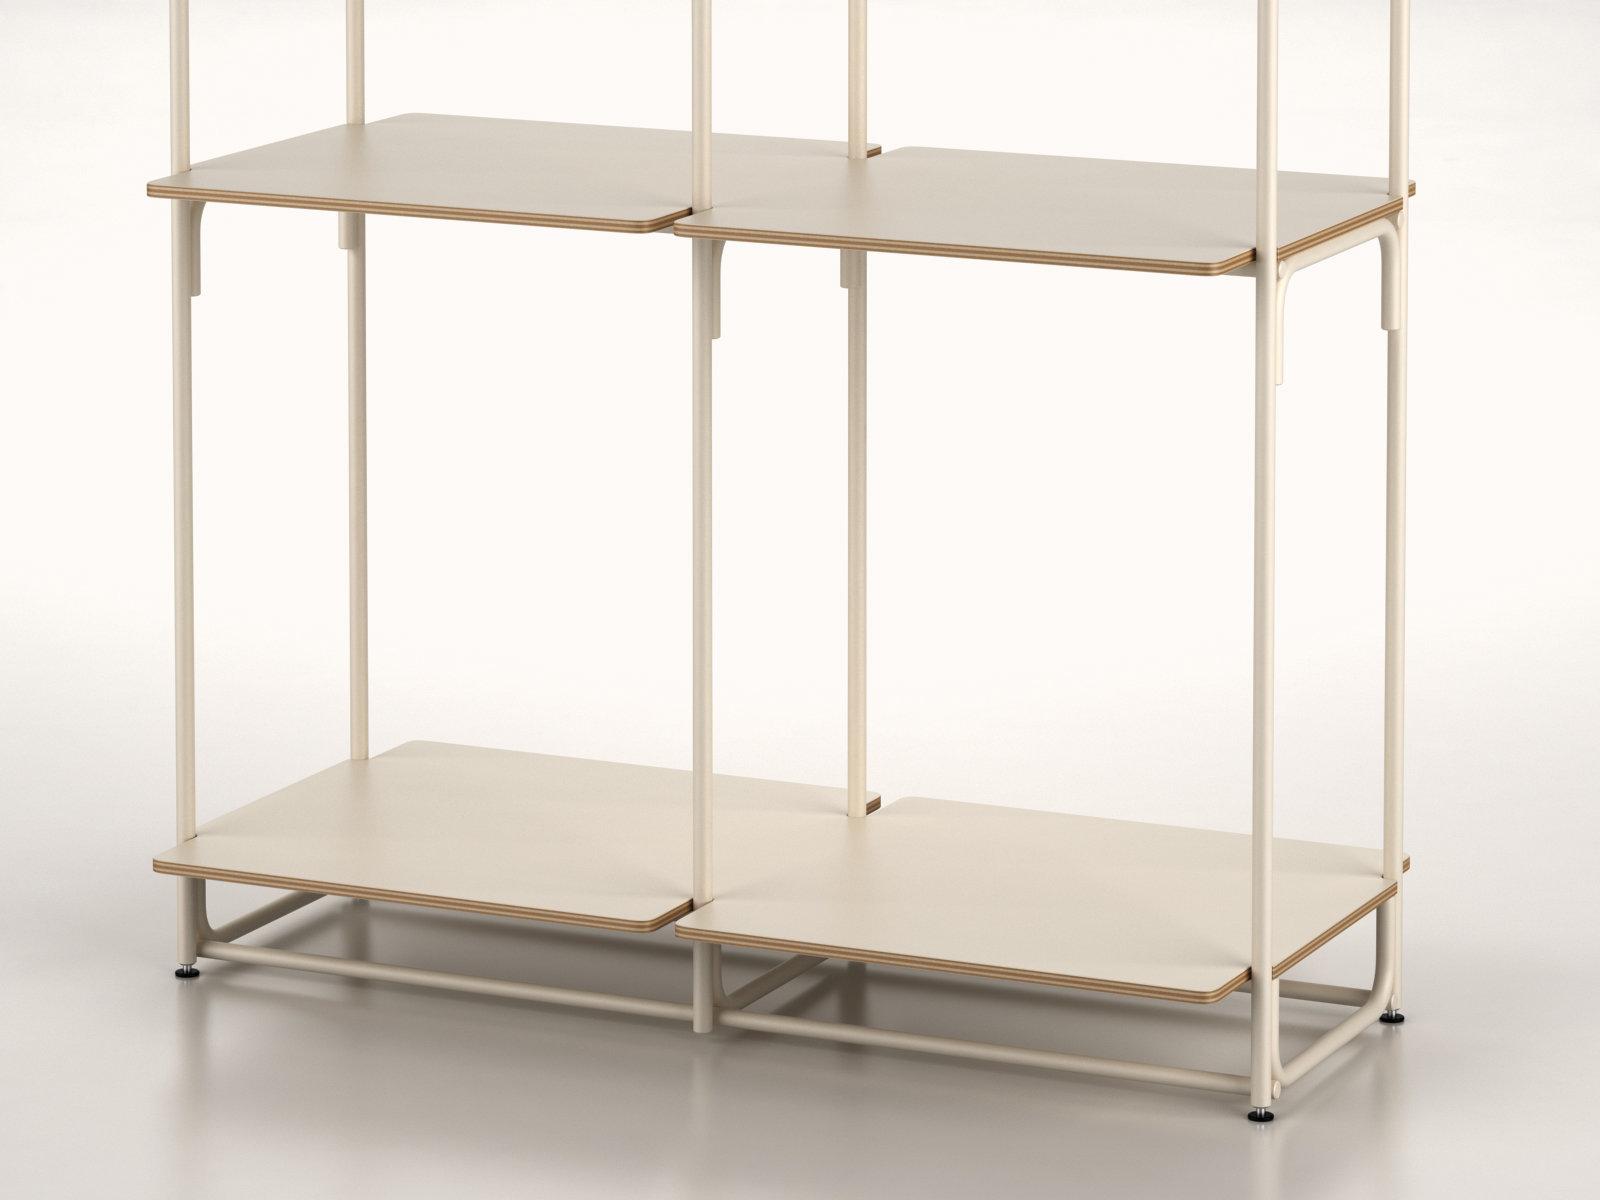 La bibliotheque fil 3d modell ligne roset for La ligne roset